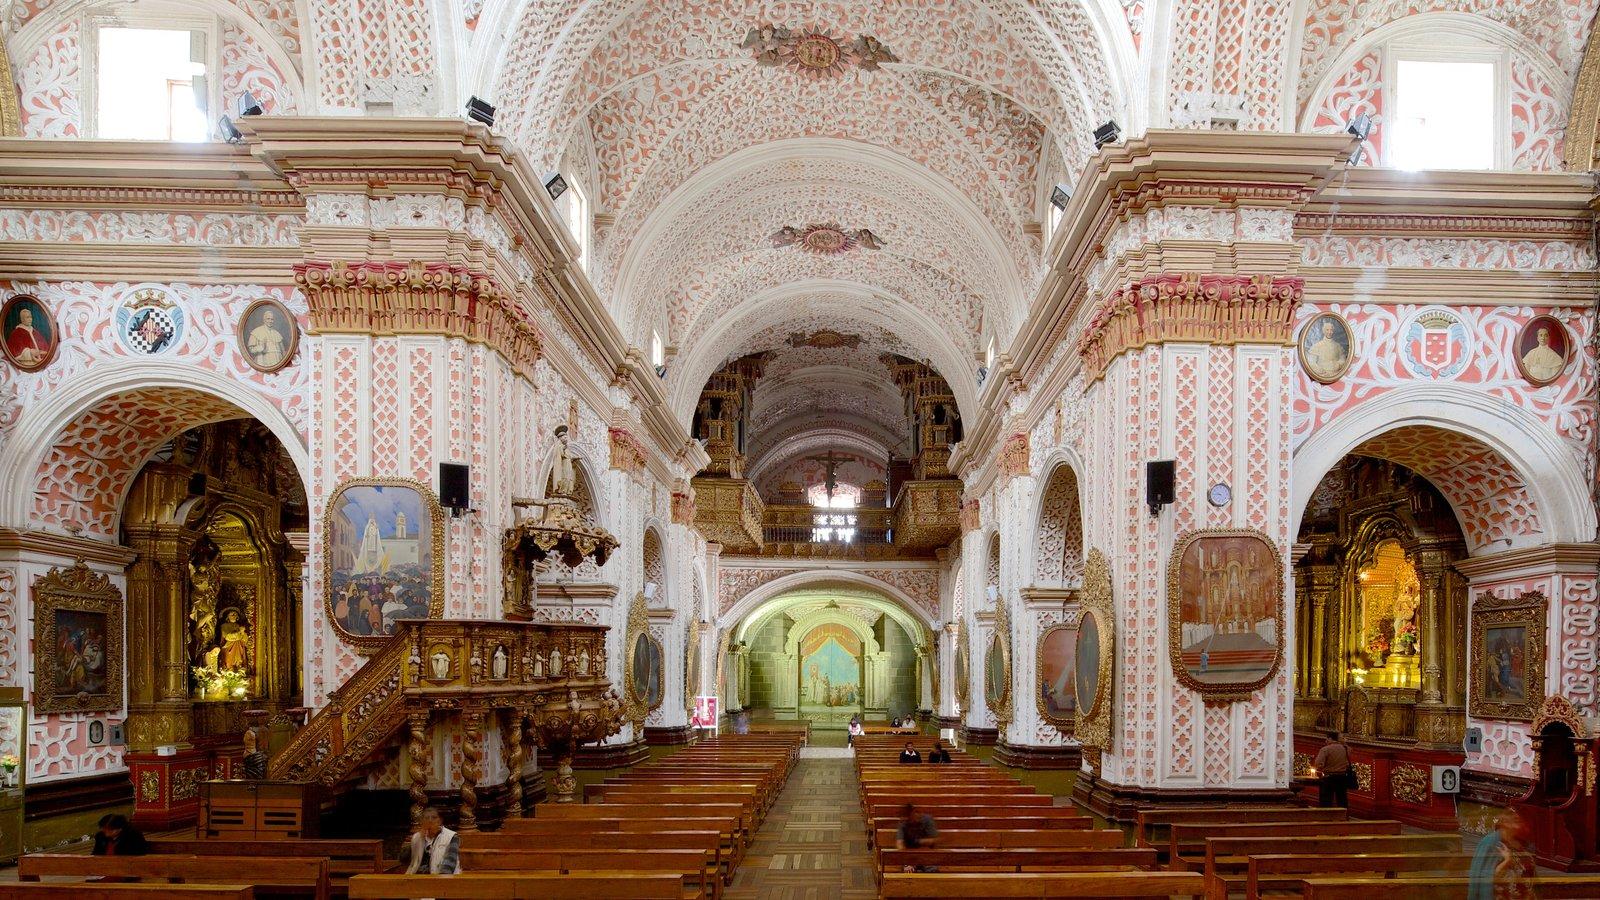 Iglesia de la Merced mostrando uma igreja ou catedral, arquitetura de patrimônio e elementos religiosos